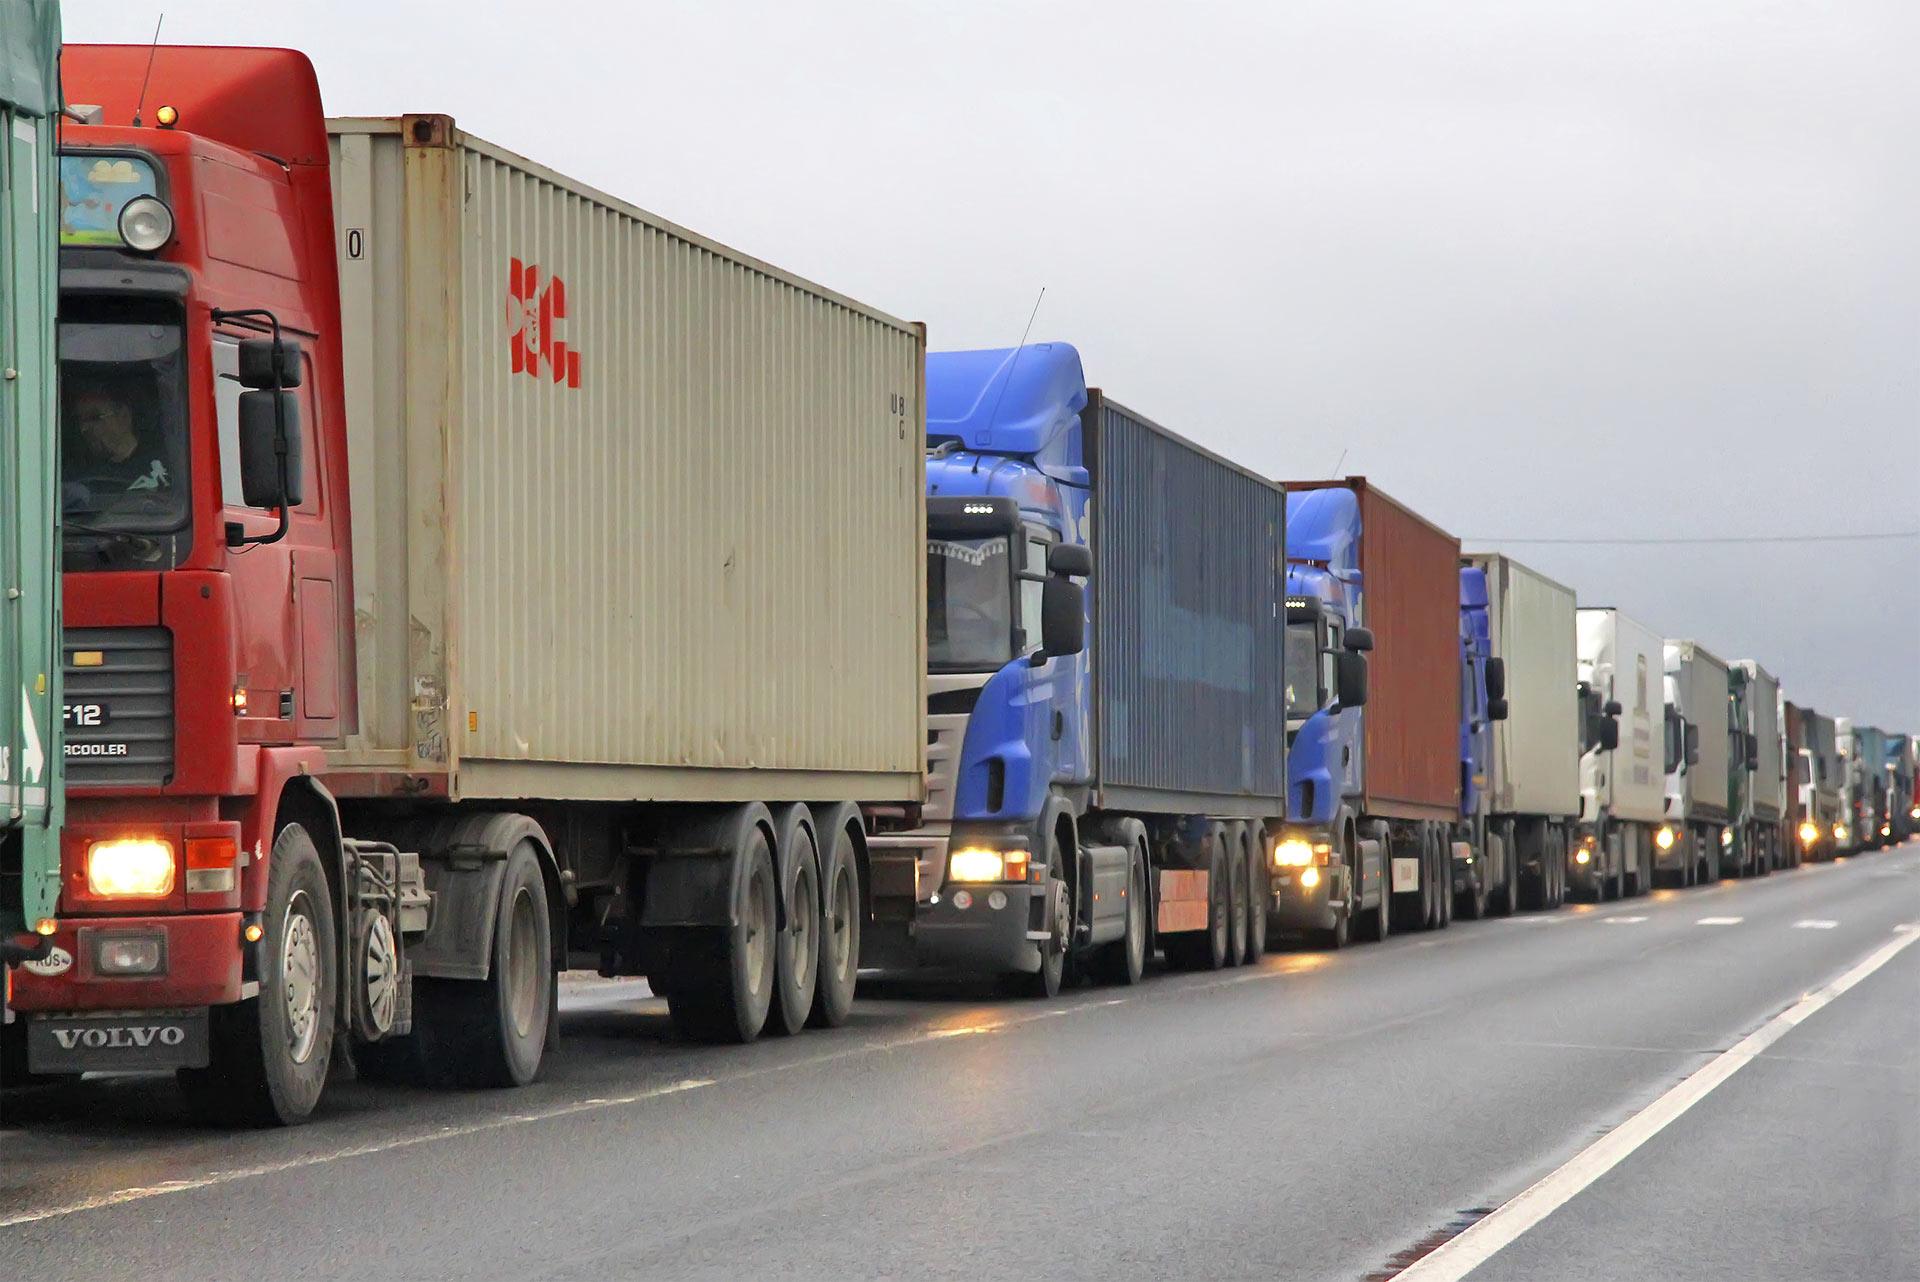 Están en desacuerdo con que solo los camiones que transportan bienes perecederos tengan prioridad